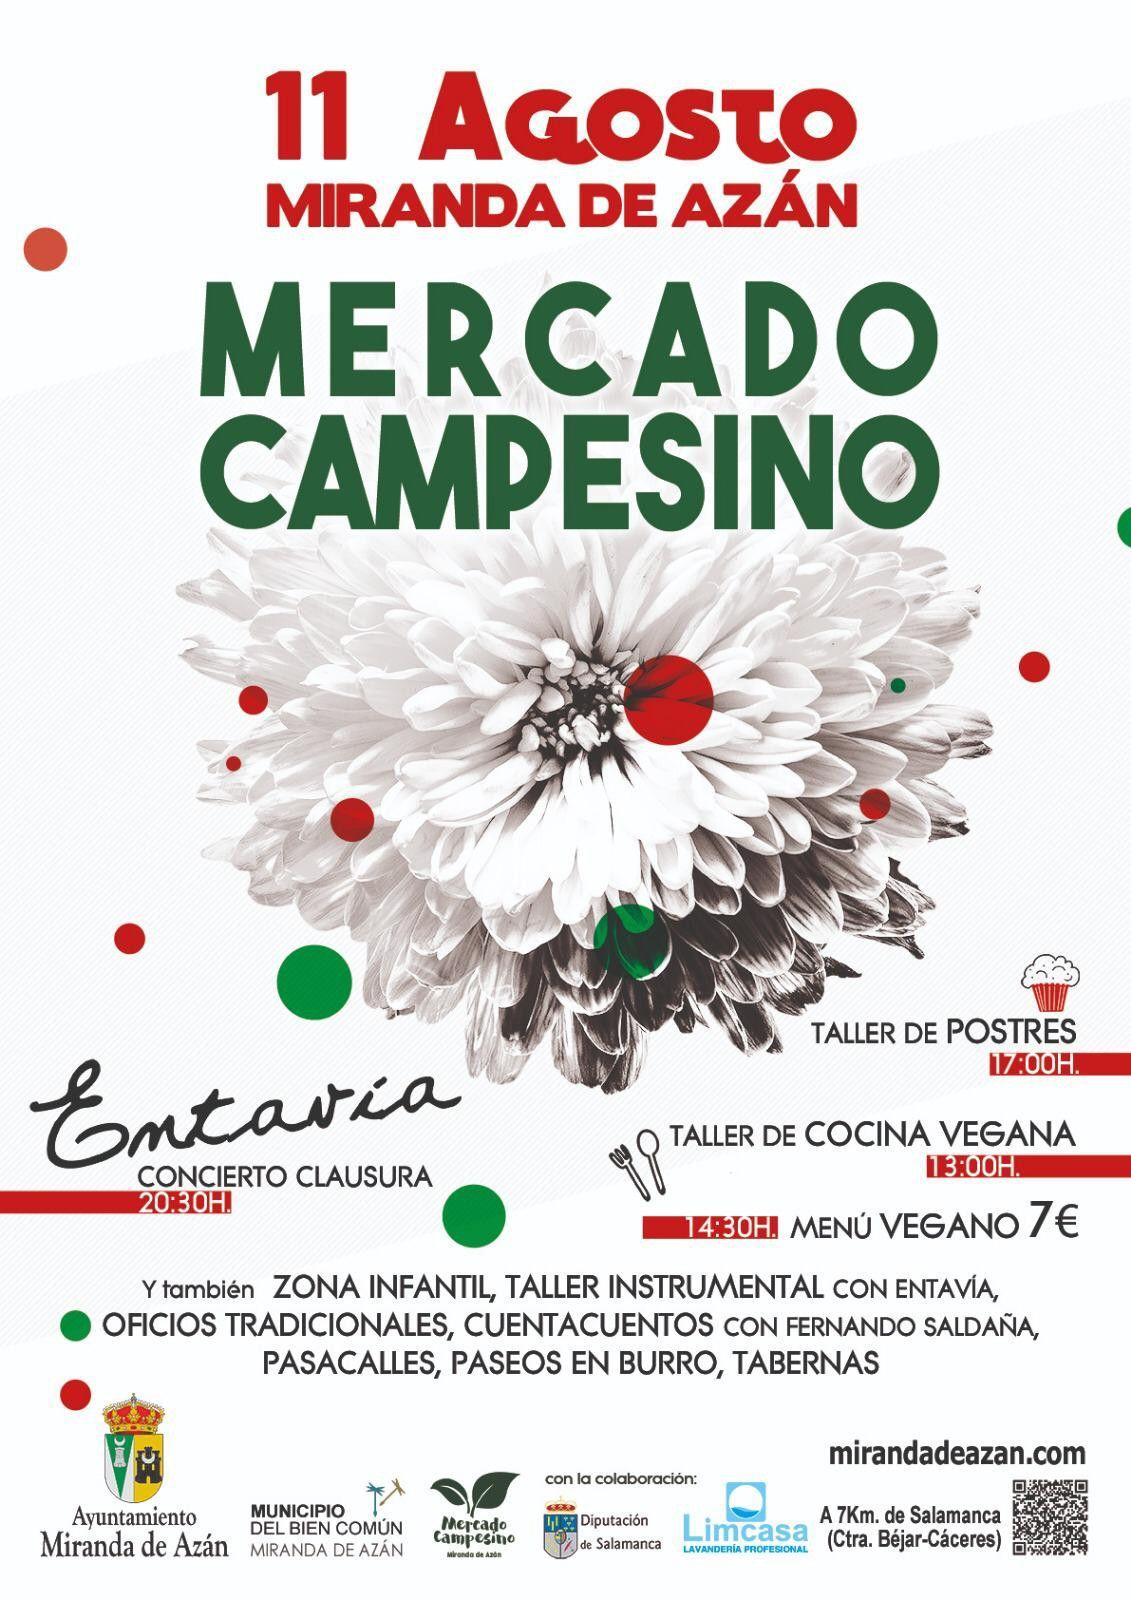 Mercado Campesino Miranda de Azu00e1n